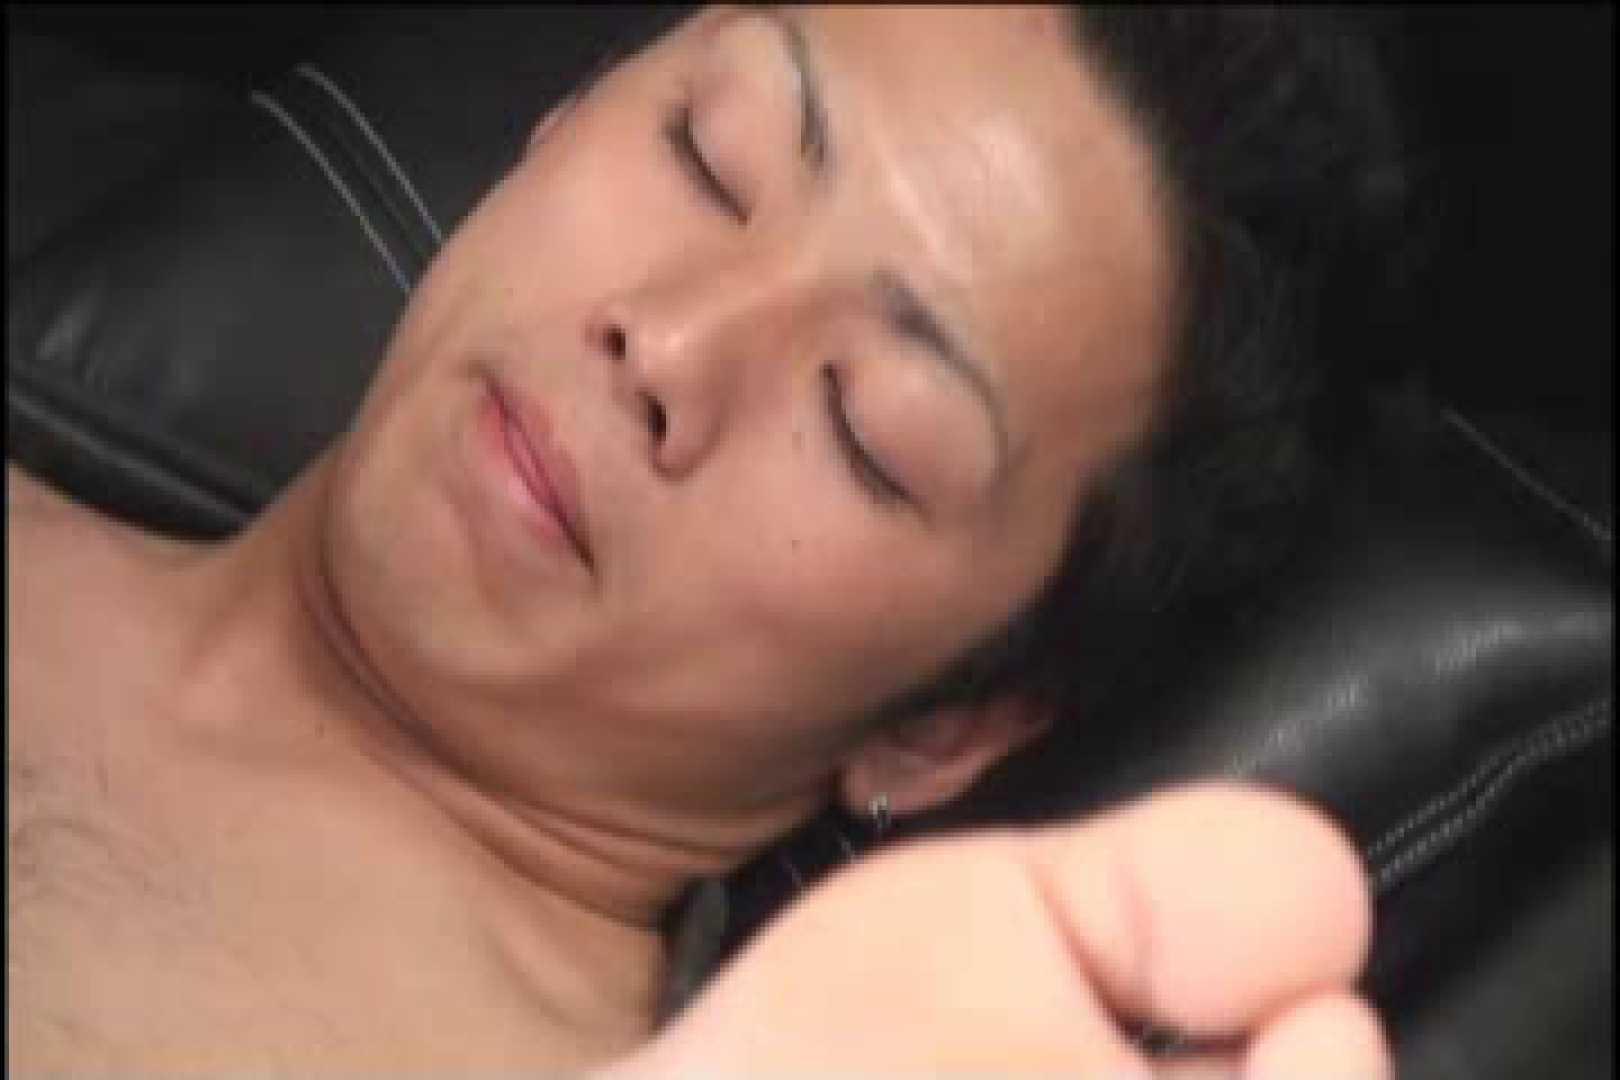 大集合!!カッコ可愛いメンズの一穴入根!! vol.29 イケメンズ ゲイモロ画像 98枚 49